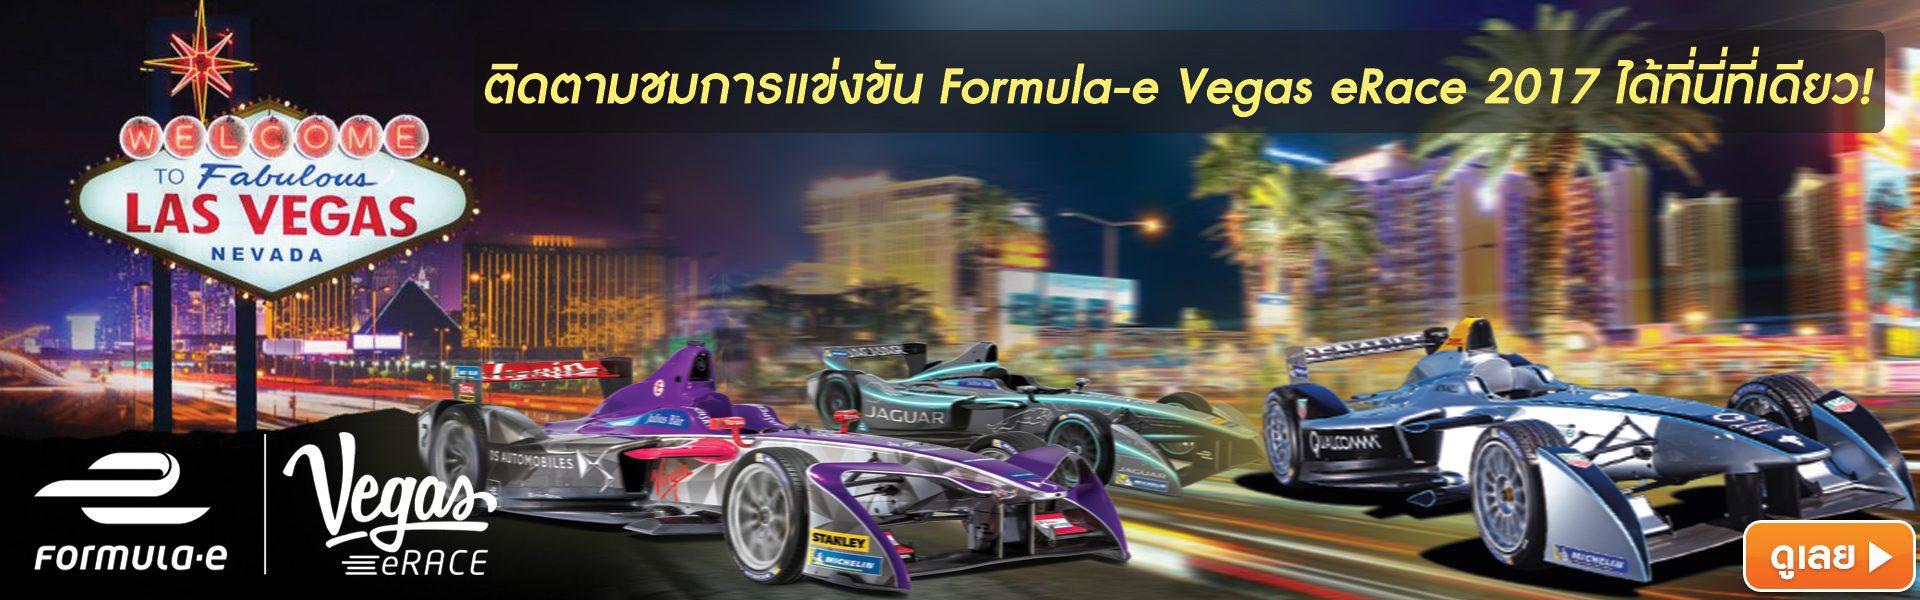 การแข่งขัน Formula-e Vegas eRace 2017